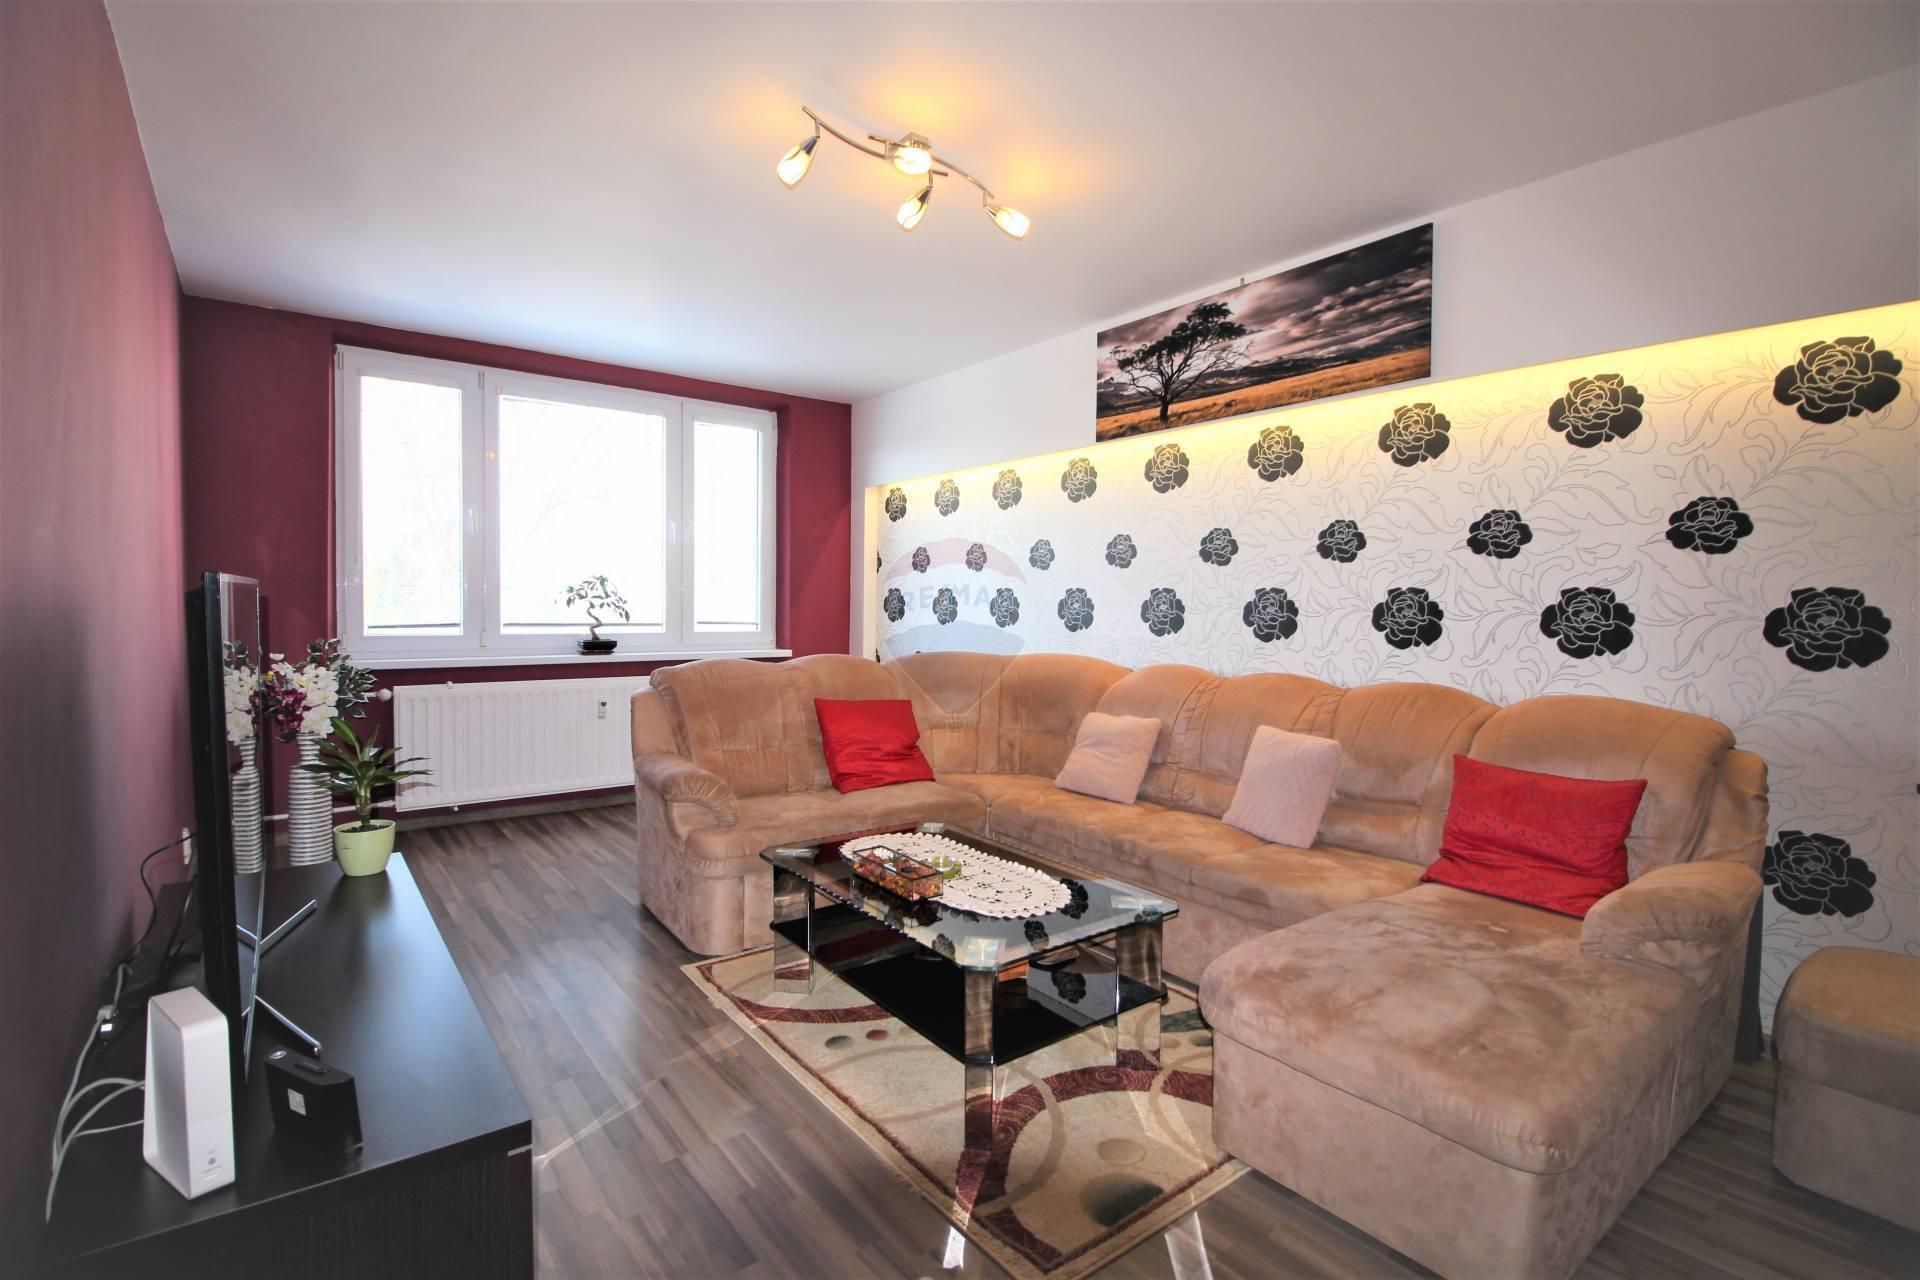 =RE/MAX= Na predaj veľký kompletne zrekonštruovaný 2 izbový byt, 64 m2